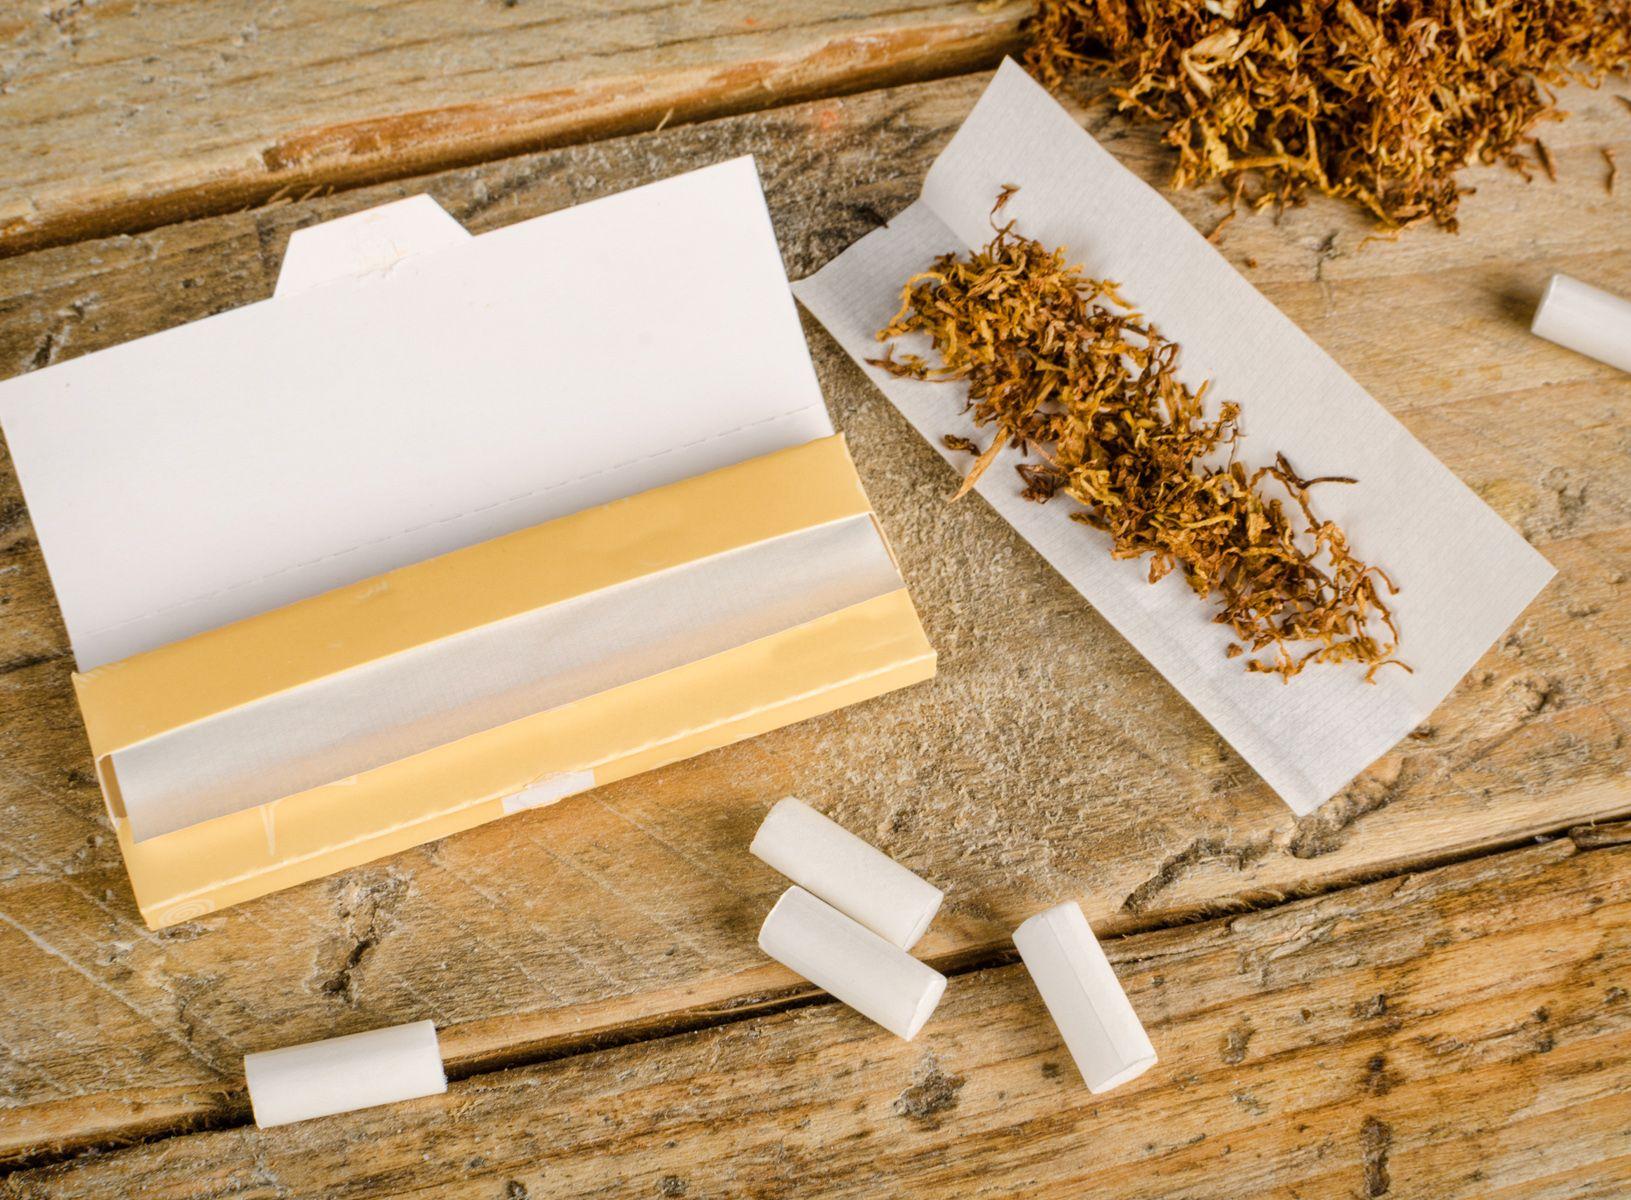 Venta de tabaco en Torrelavega